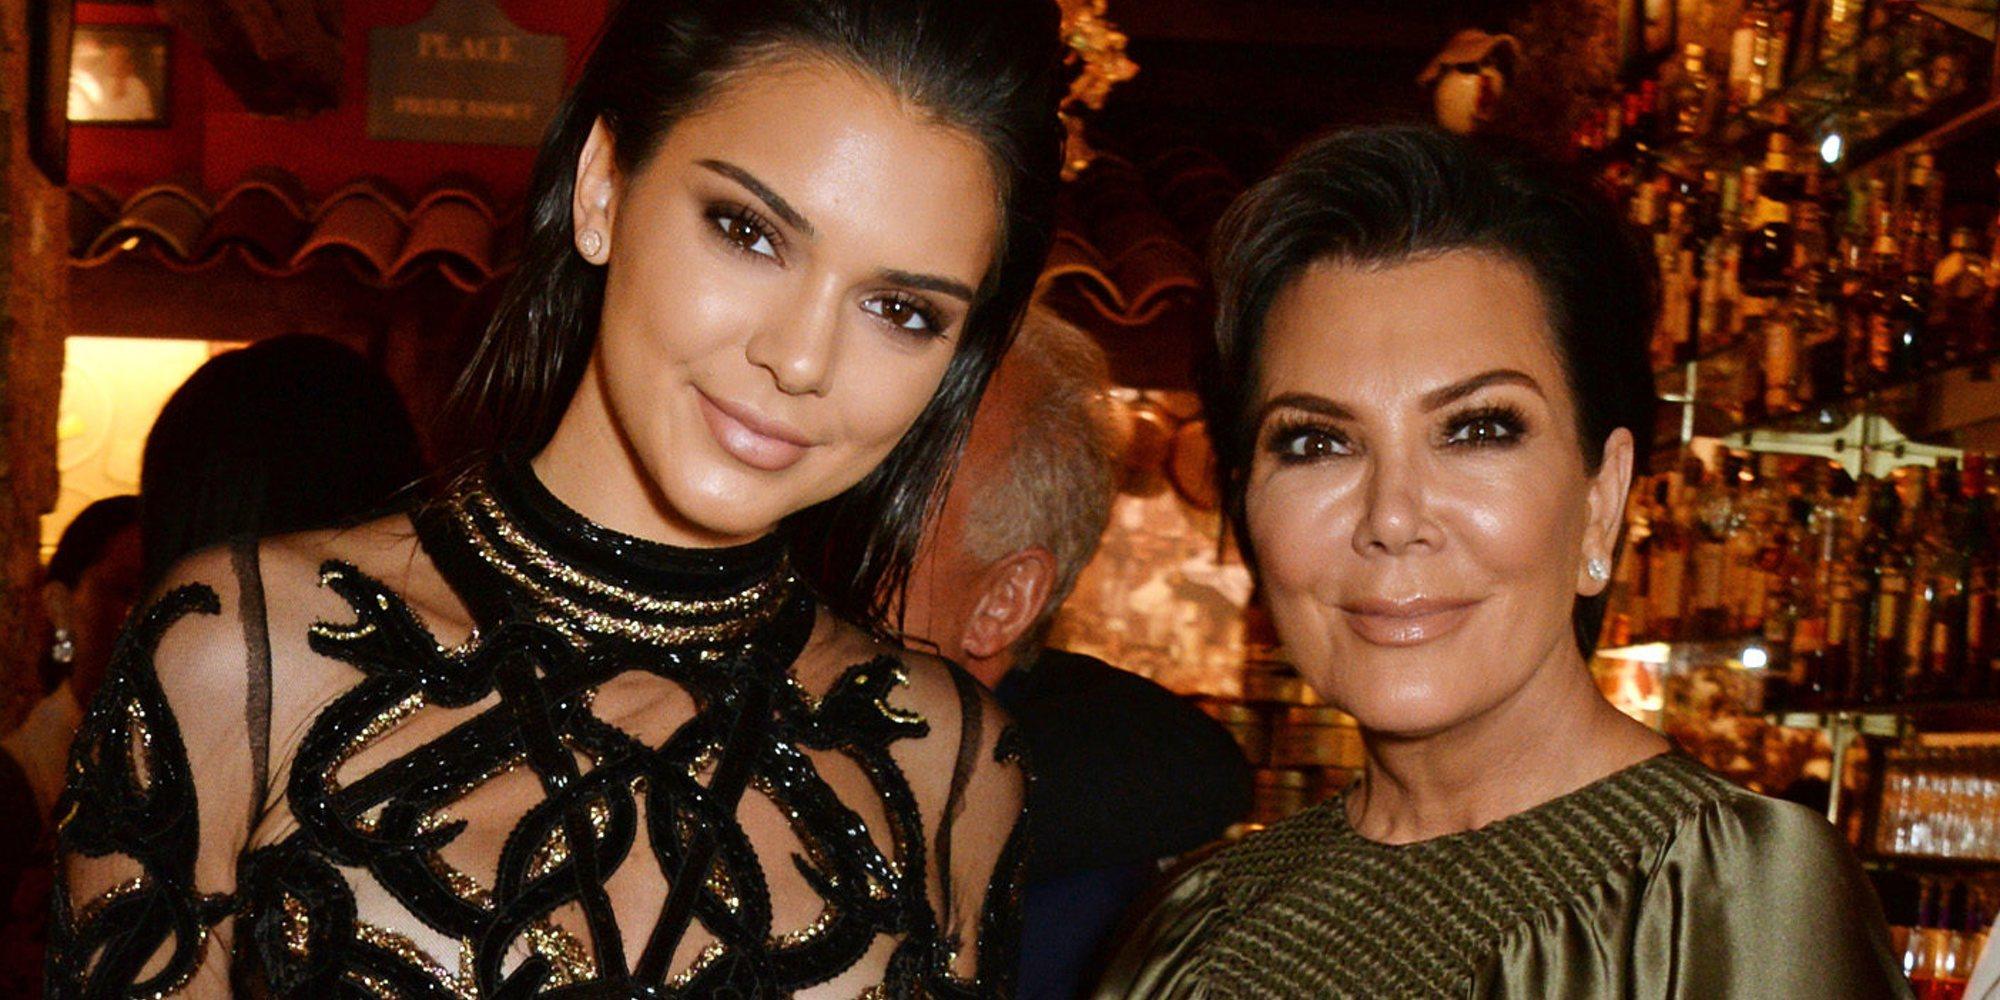 Kris Jenner asegura que se mantuvieron todas las medidas de seguridad para la fiesta de cumpleaños de Kendall